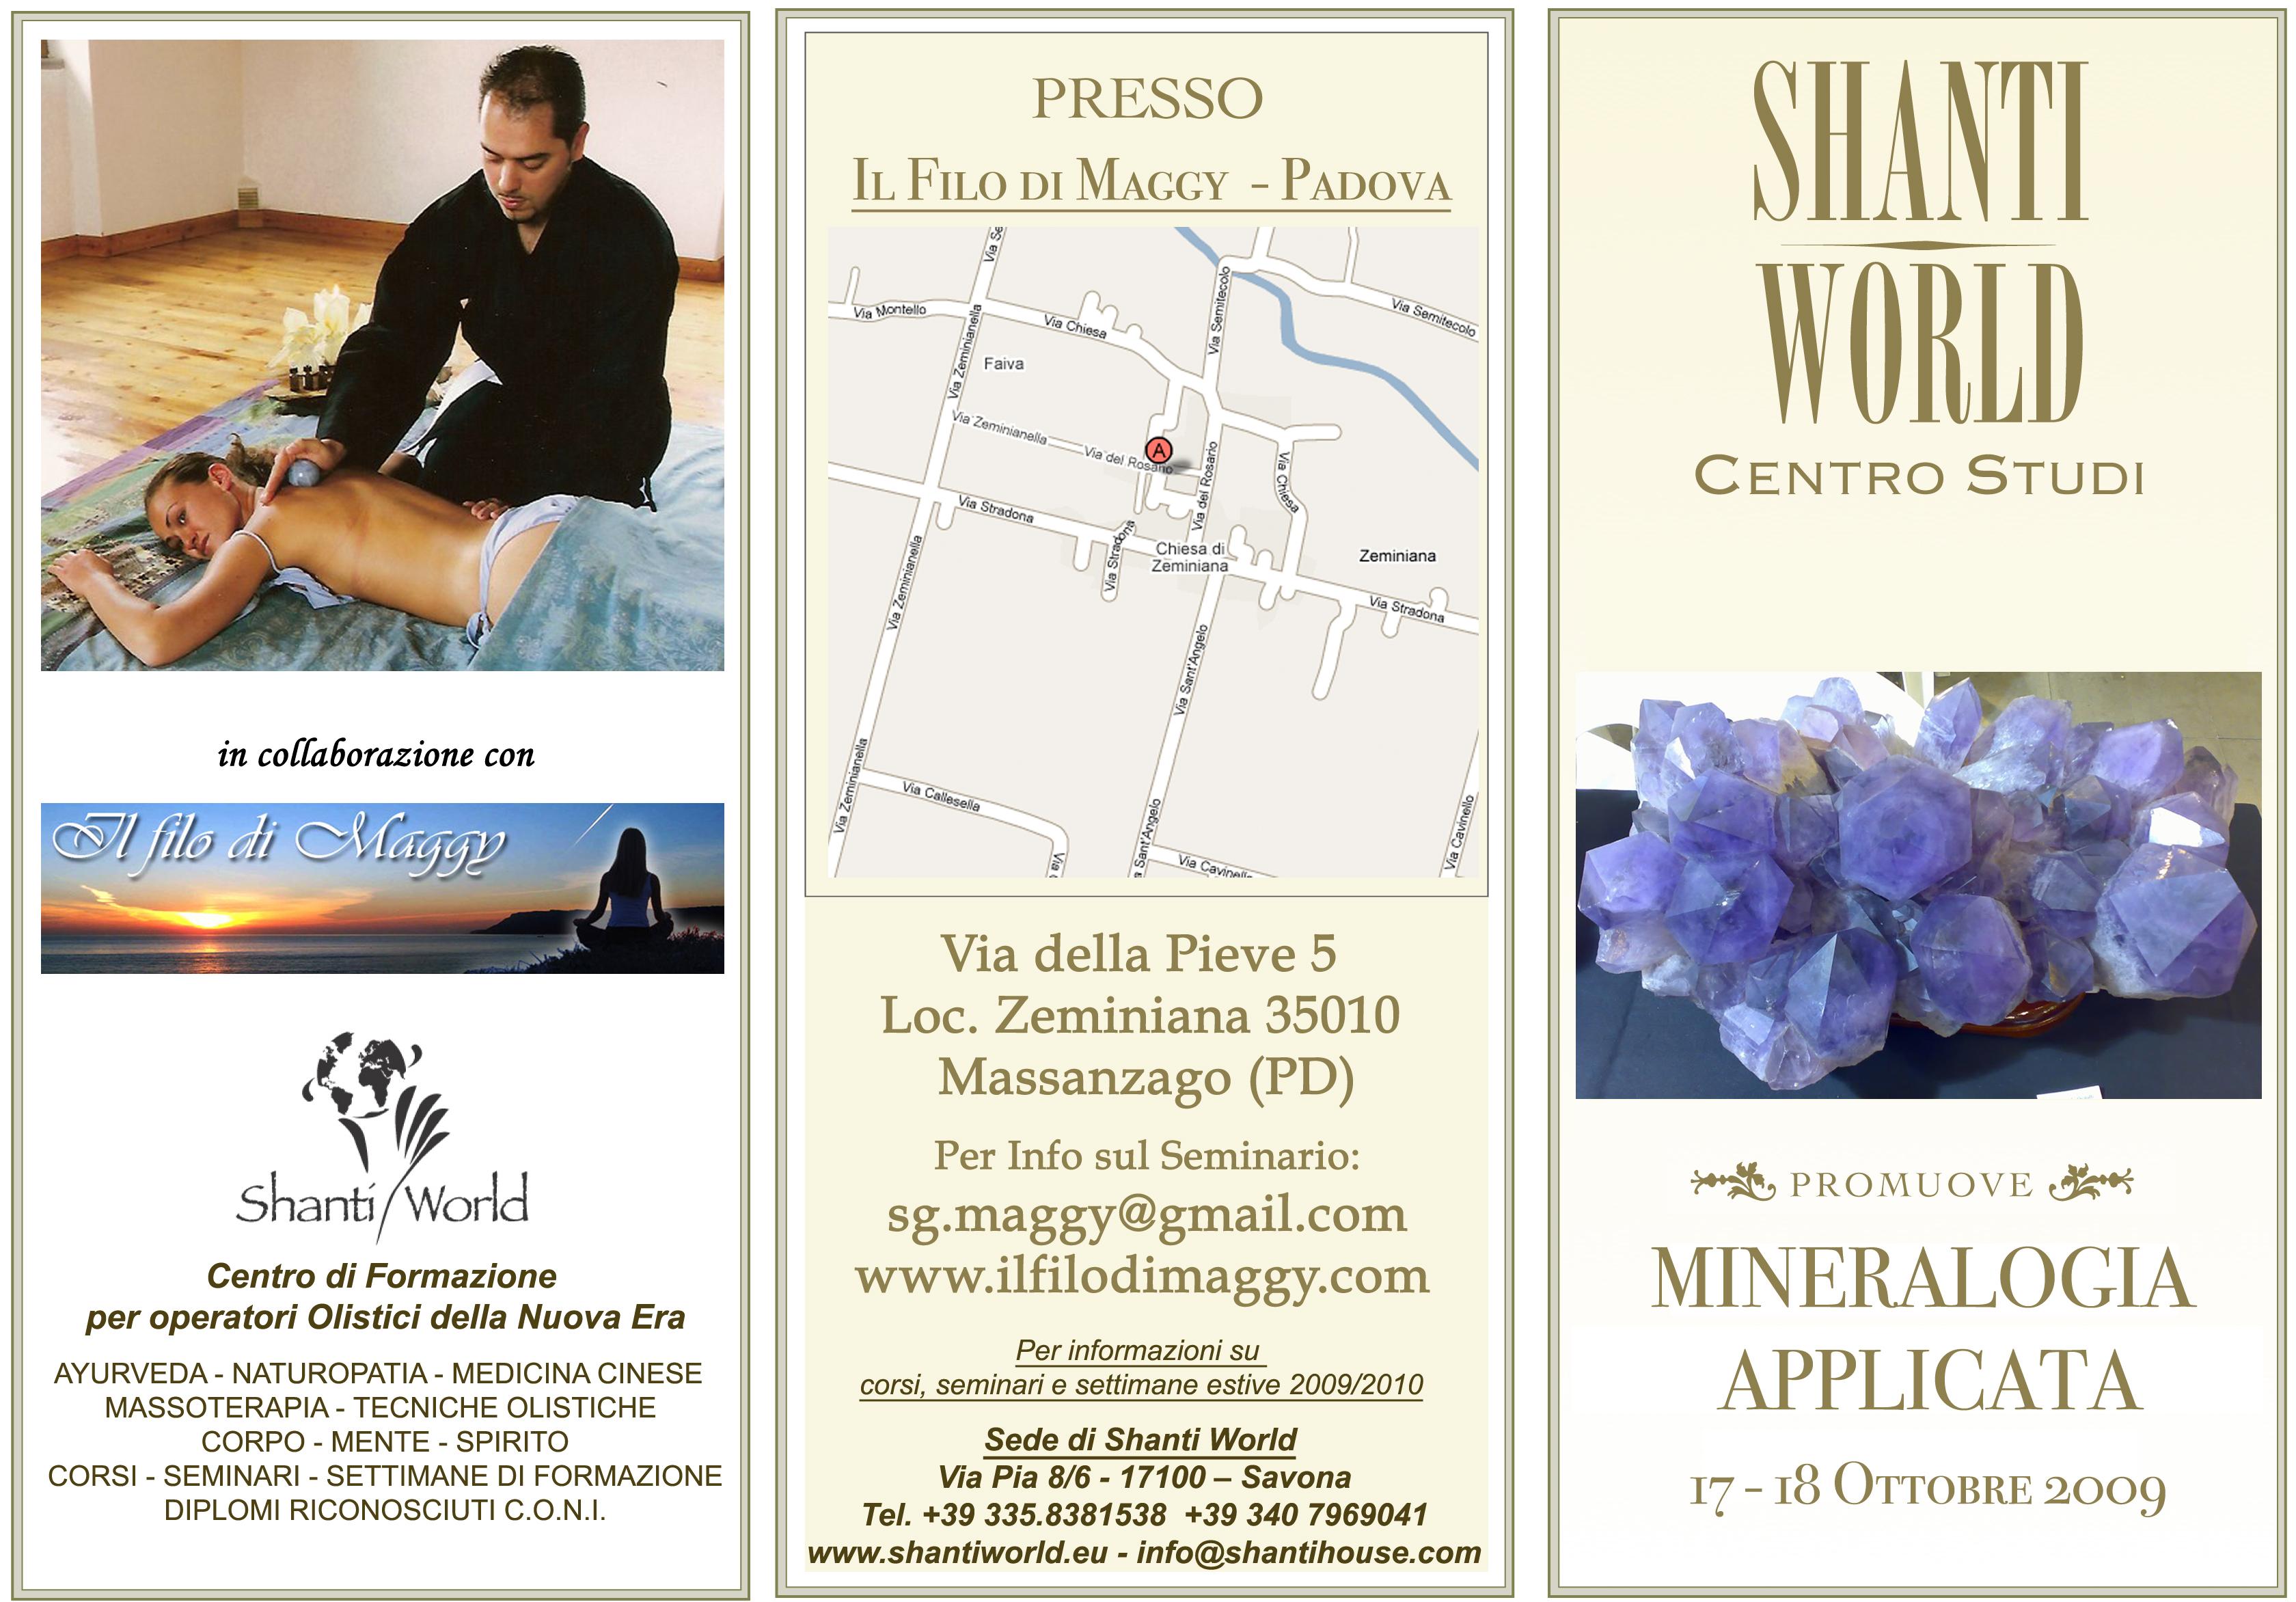 MINERALOGIA APPLICATA - Padova 17-18 Ottobre